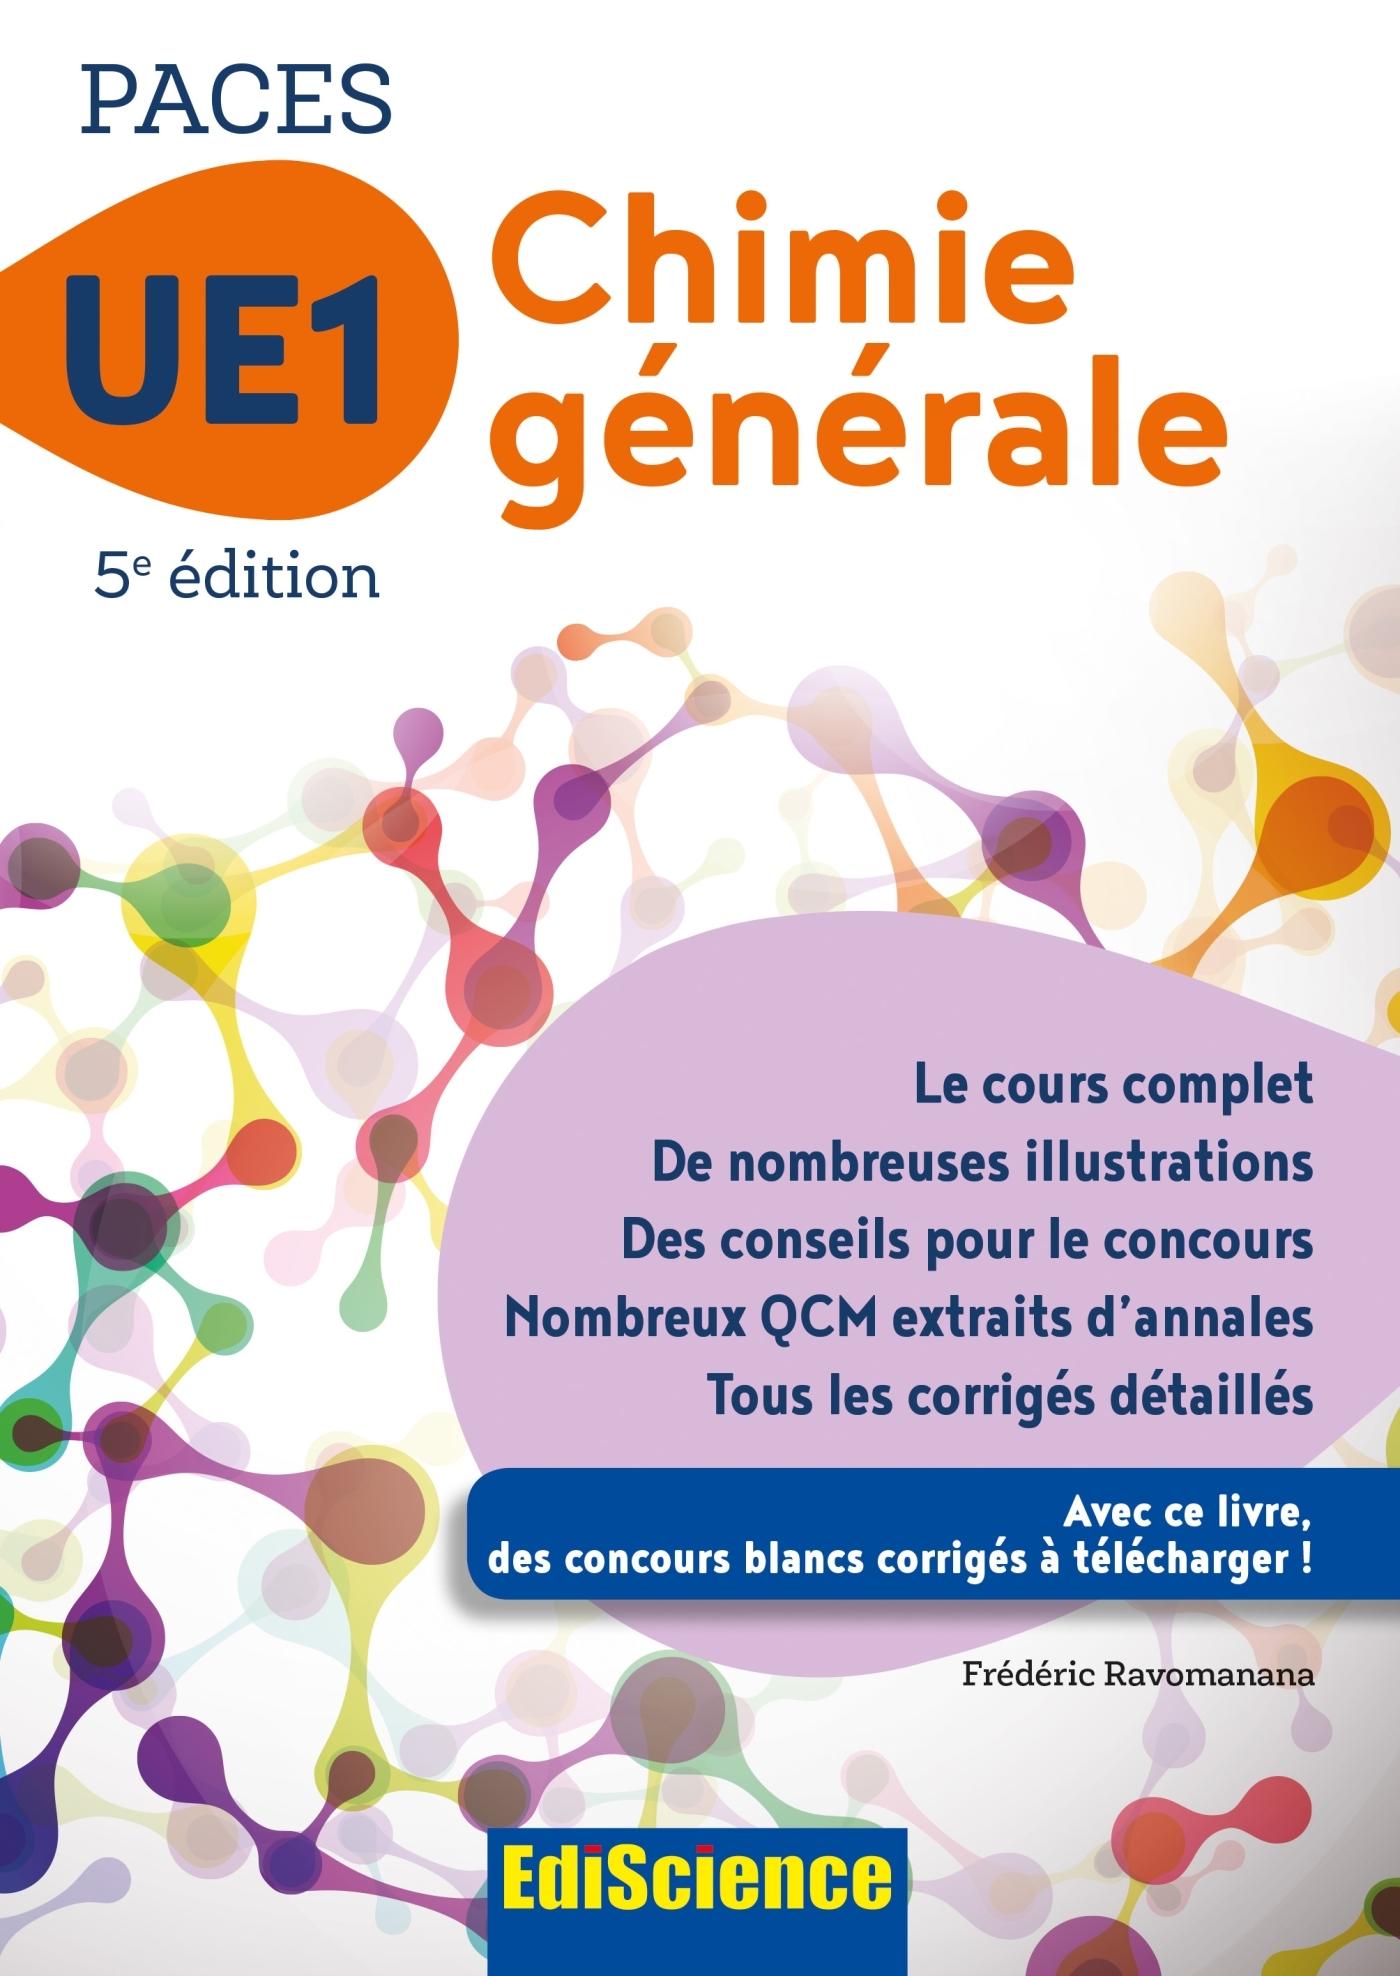 PACES UE1 CHIMIE GENERALE - 5E ED. - 1 - UE1 - T1